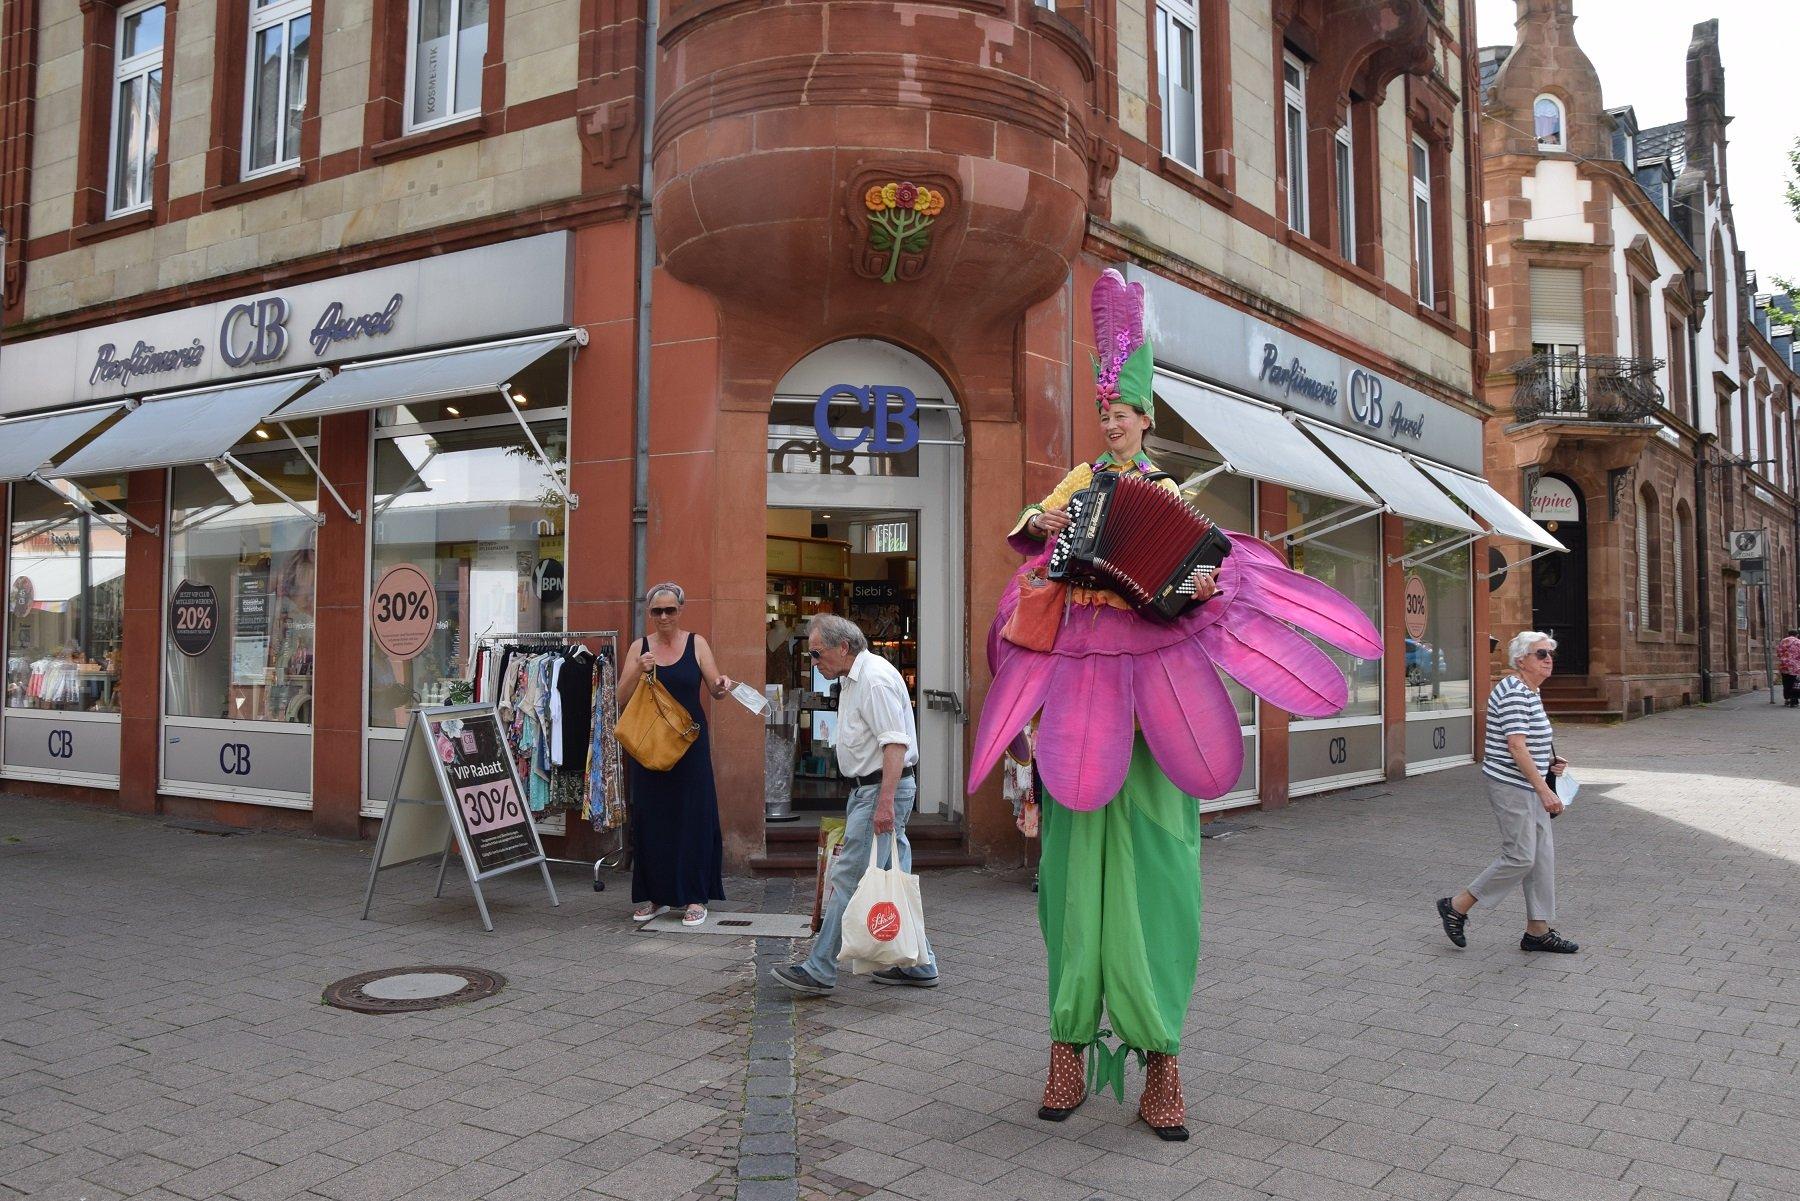 Das Bild zeigt die Darbietung von Stelzenläuferin Petra Raith mit Akkordeon beim Merziger Kleinkunstsommer 2021 in der Fußgängerzone. Petra Raith trägt ein lila-grünes Blumenkostüm und ist durch ihre Stelzen erhöht.